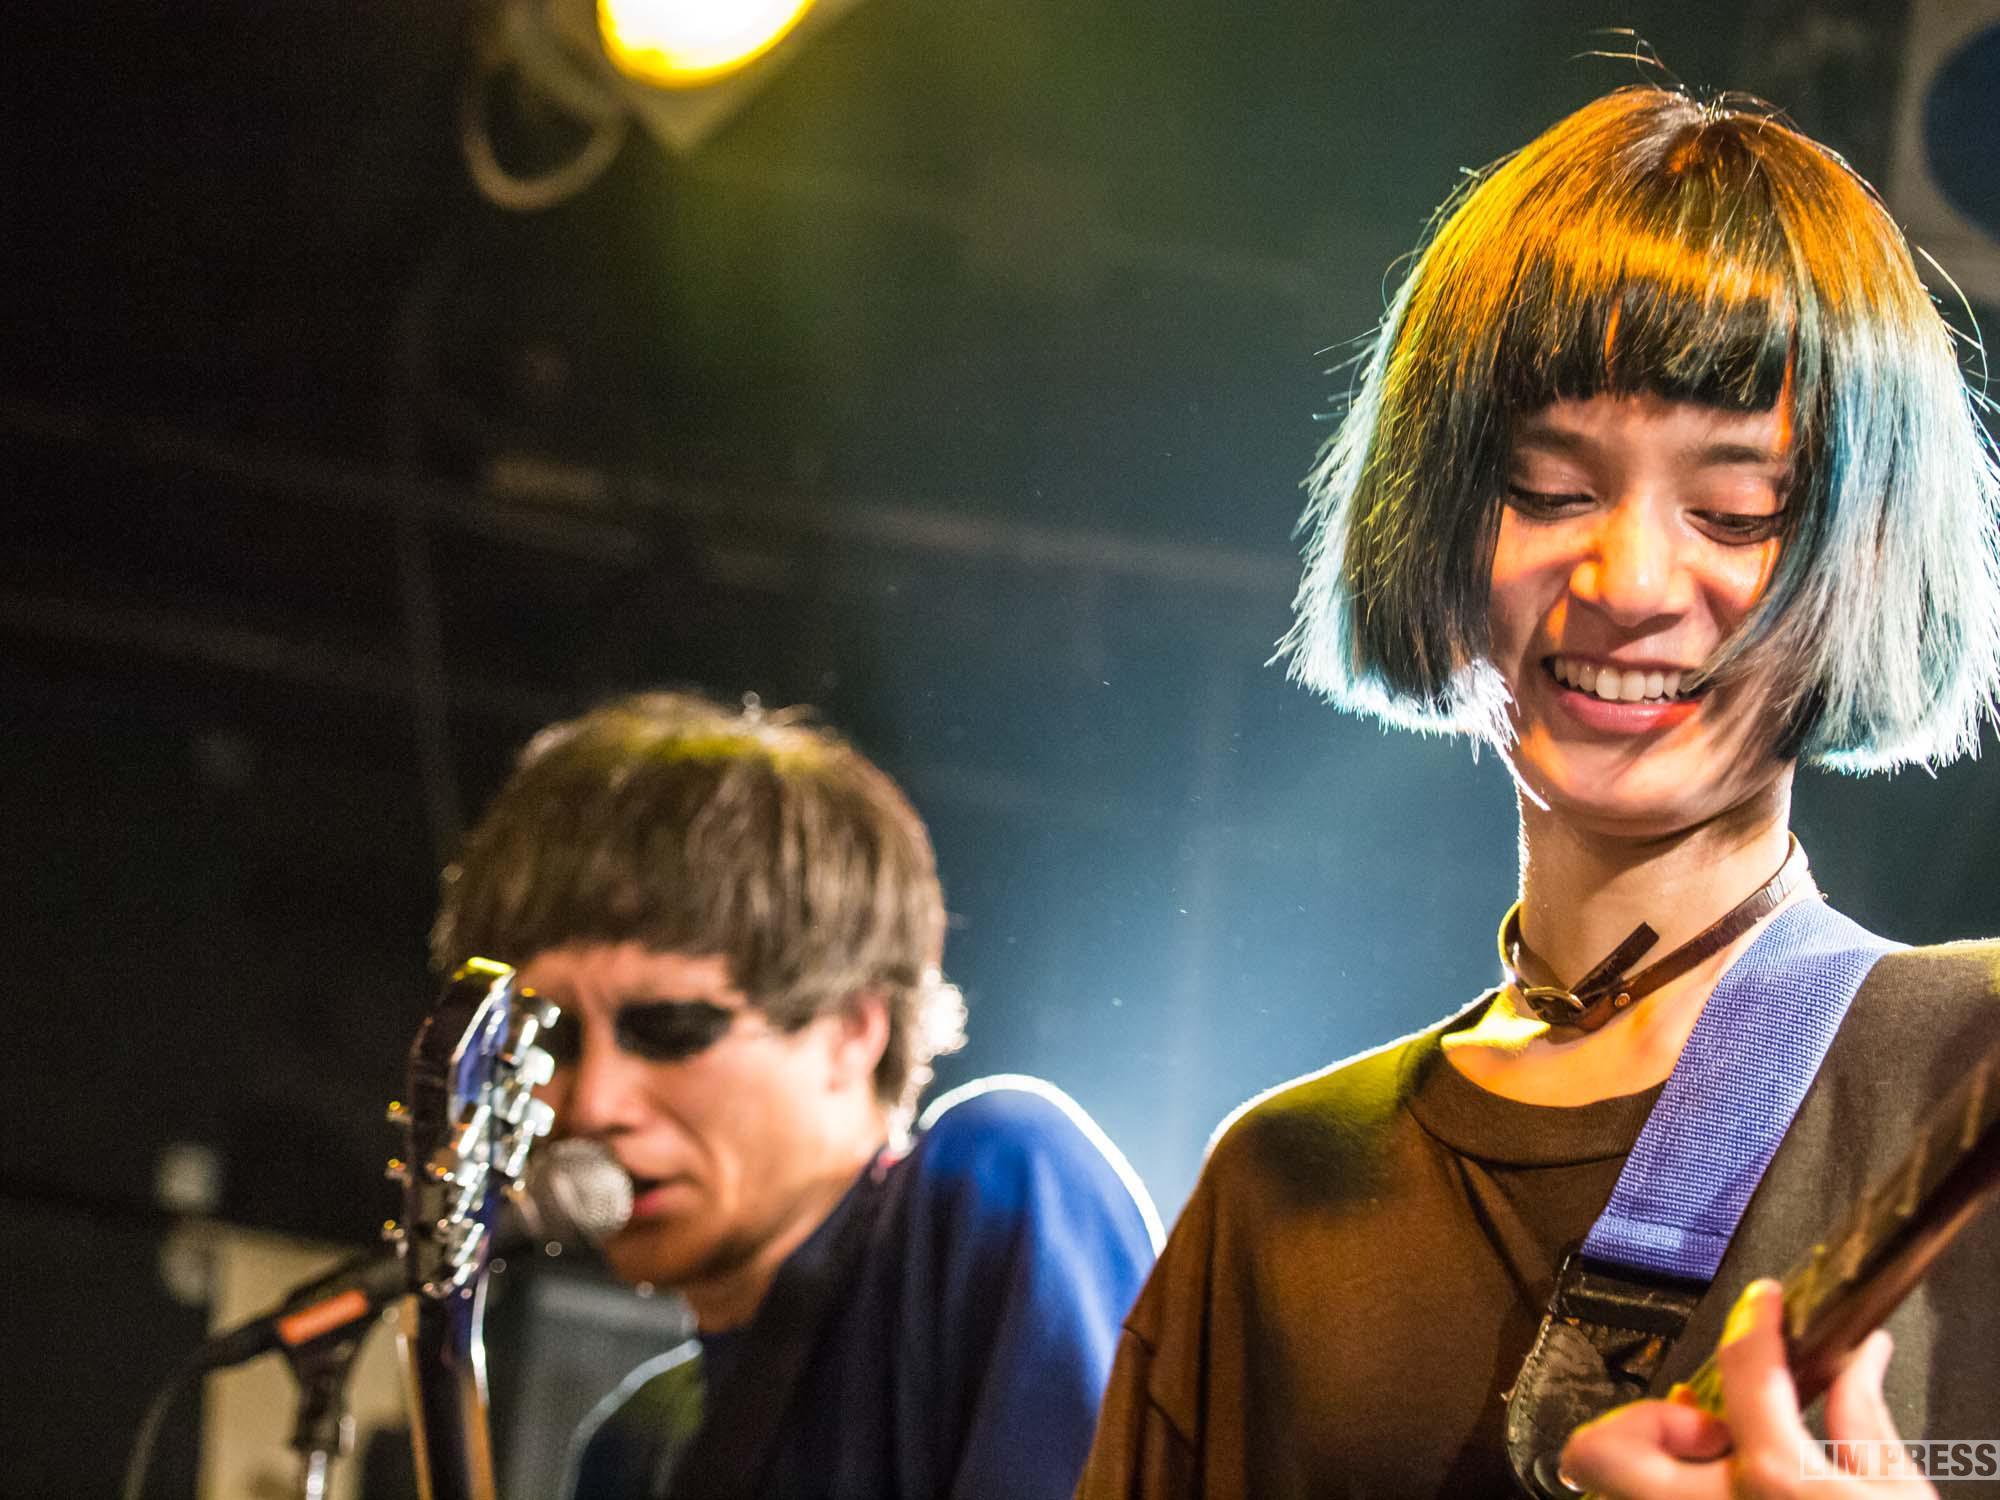 リンダ&マーヤ | 大阪 十三ファンダンゴ | 2019.05.12